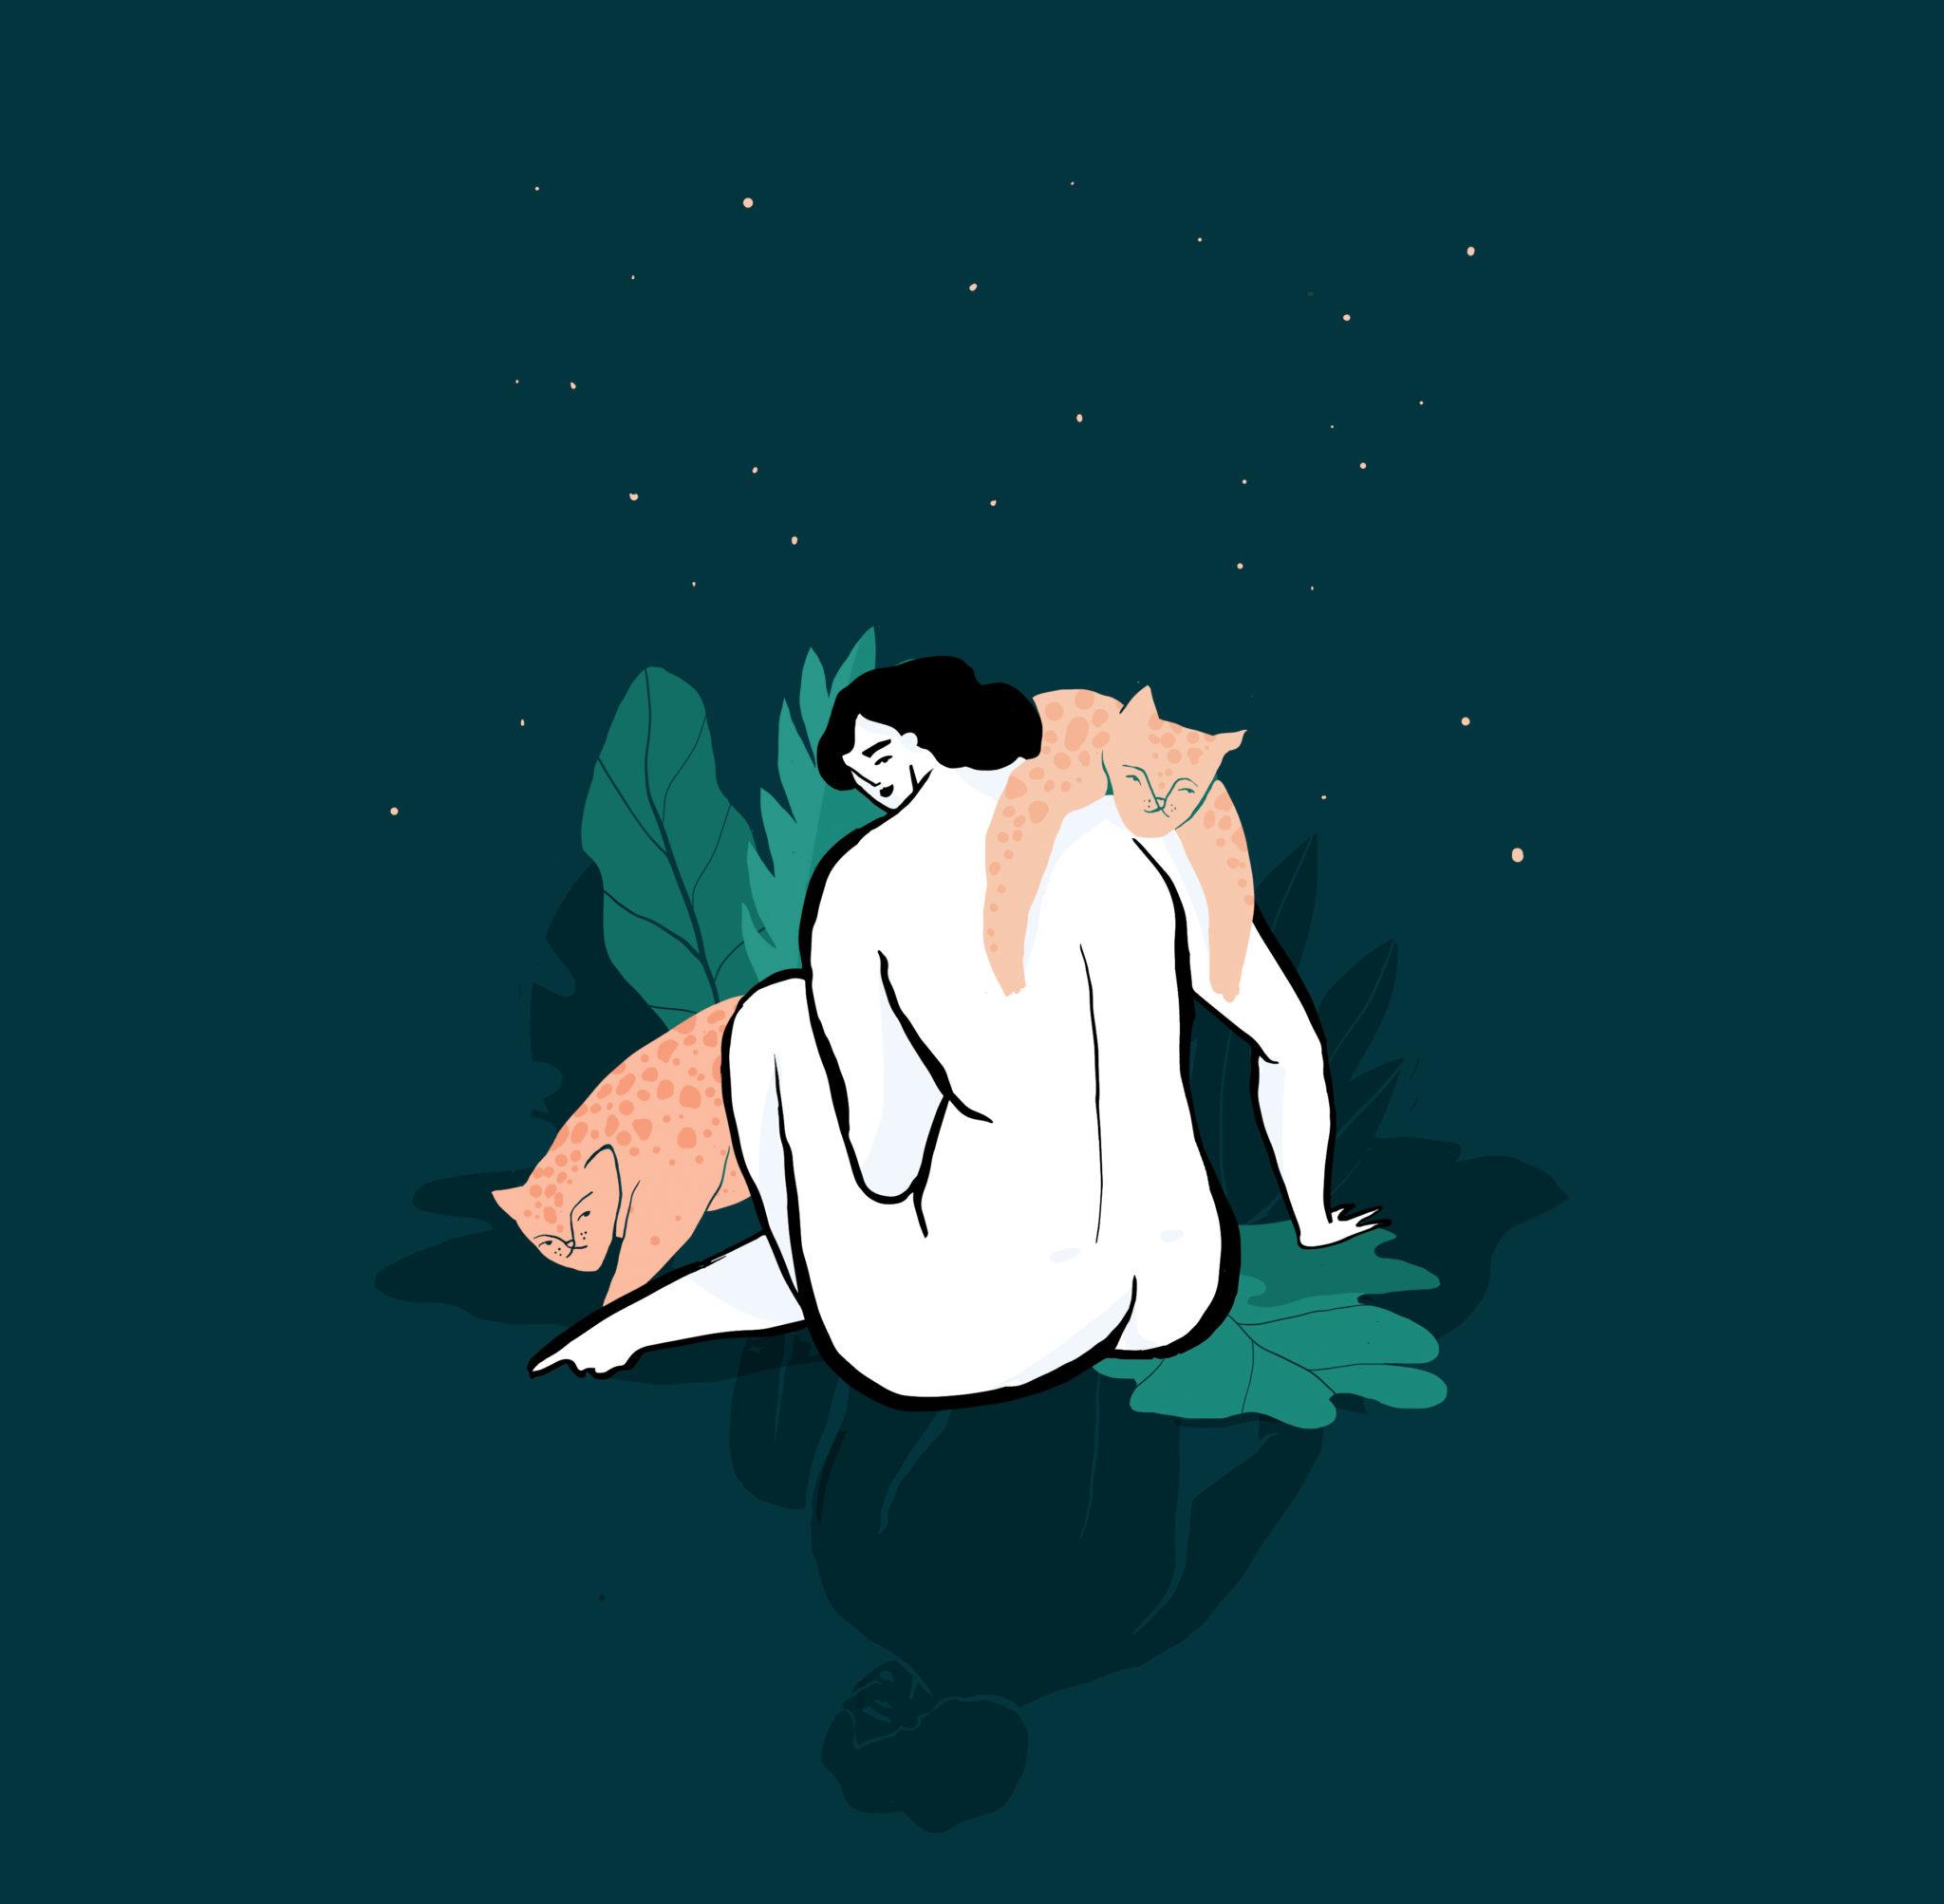 Na zdjeciu widzimy ilustracje golej kobiety odwroconej placeami o rubesowskich ksztaltach z ltygrysem zarzuconym przez ramie